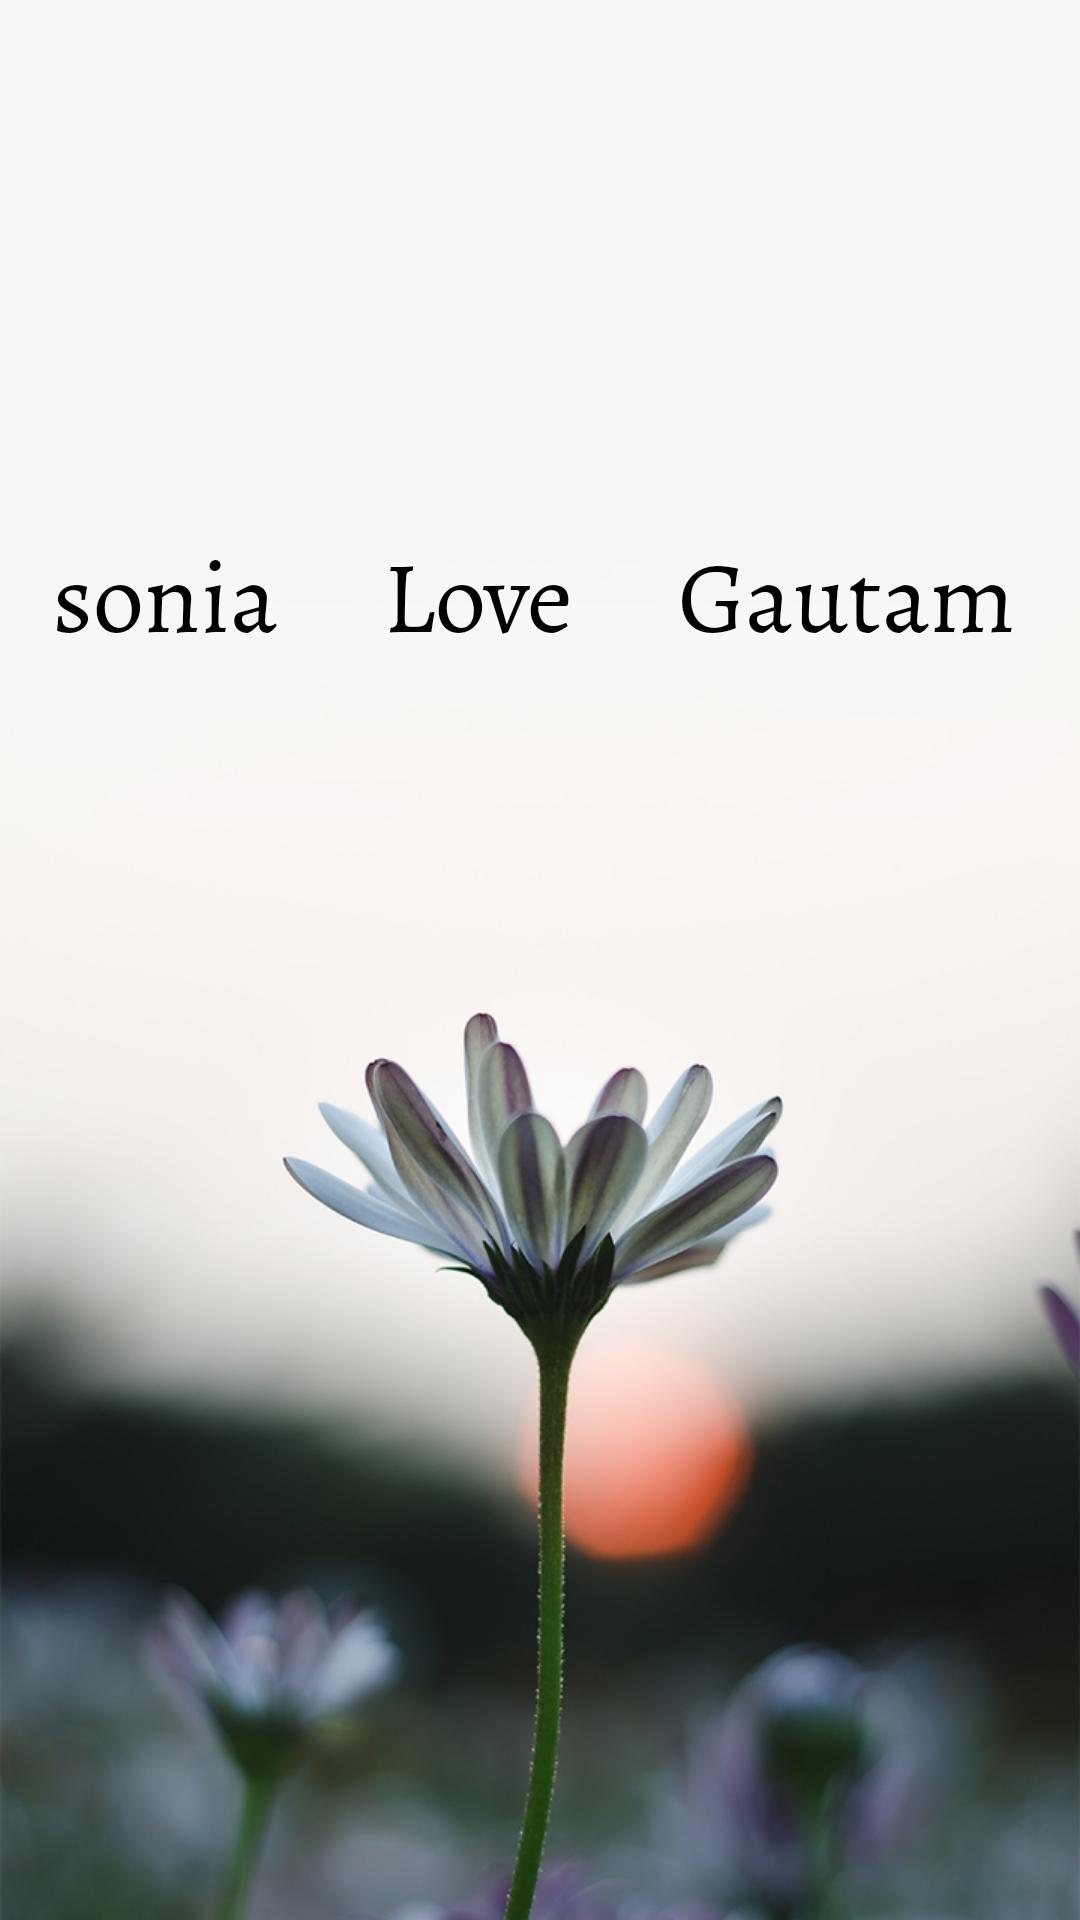 sonia     Love     Gautam